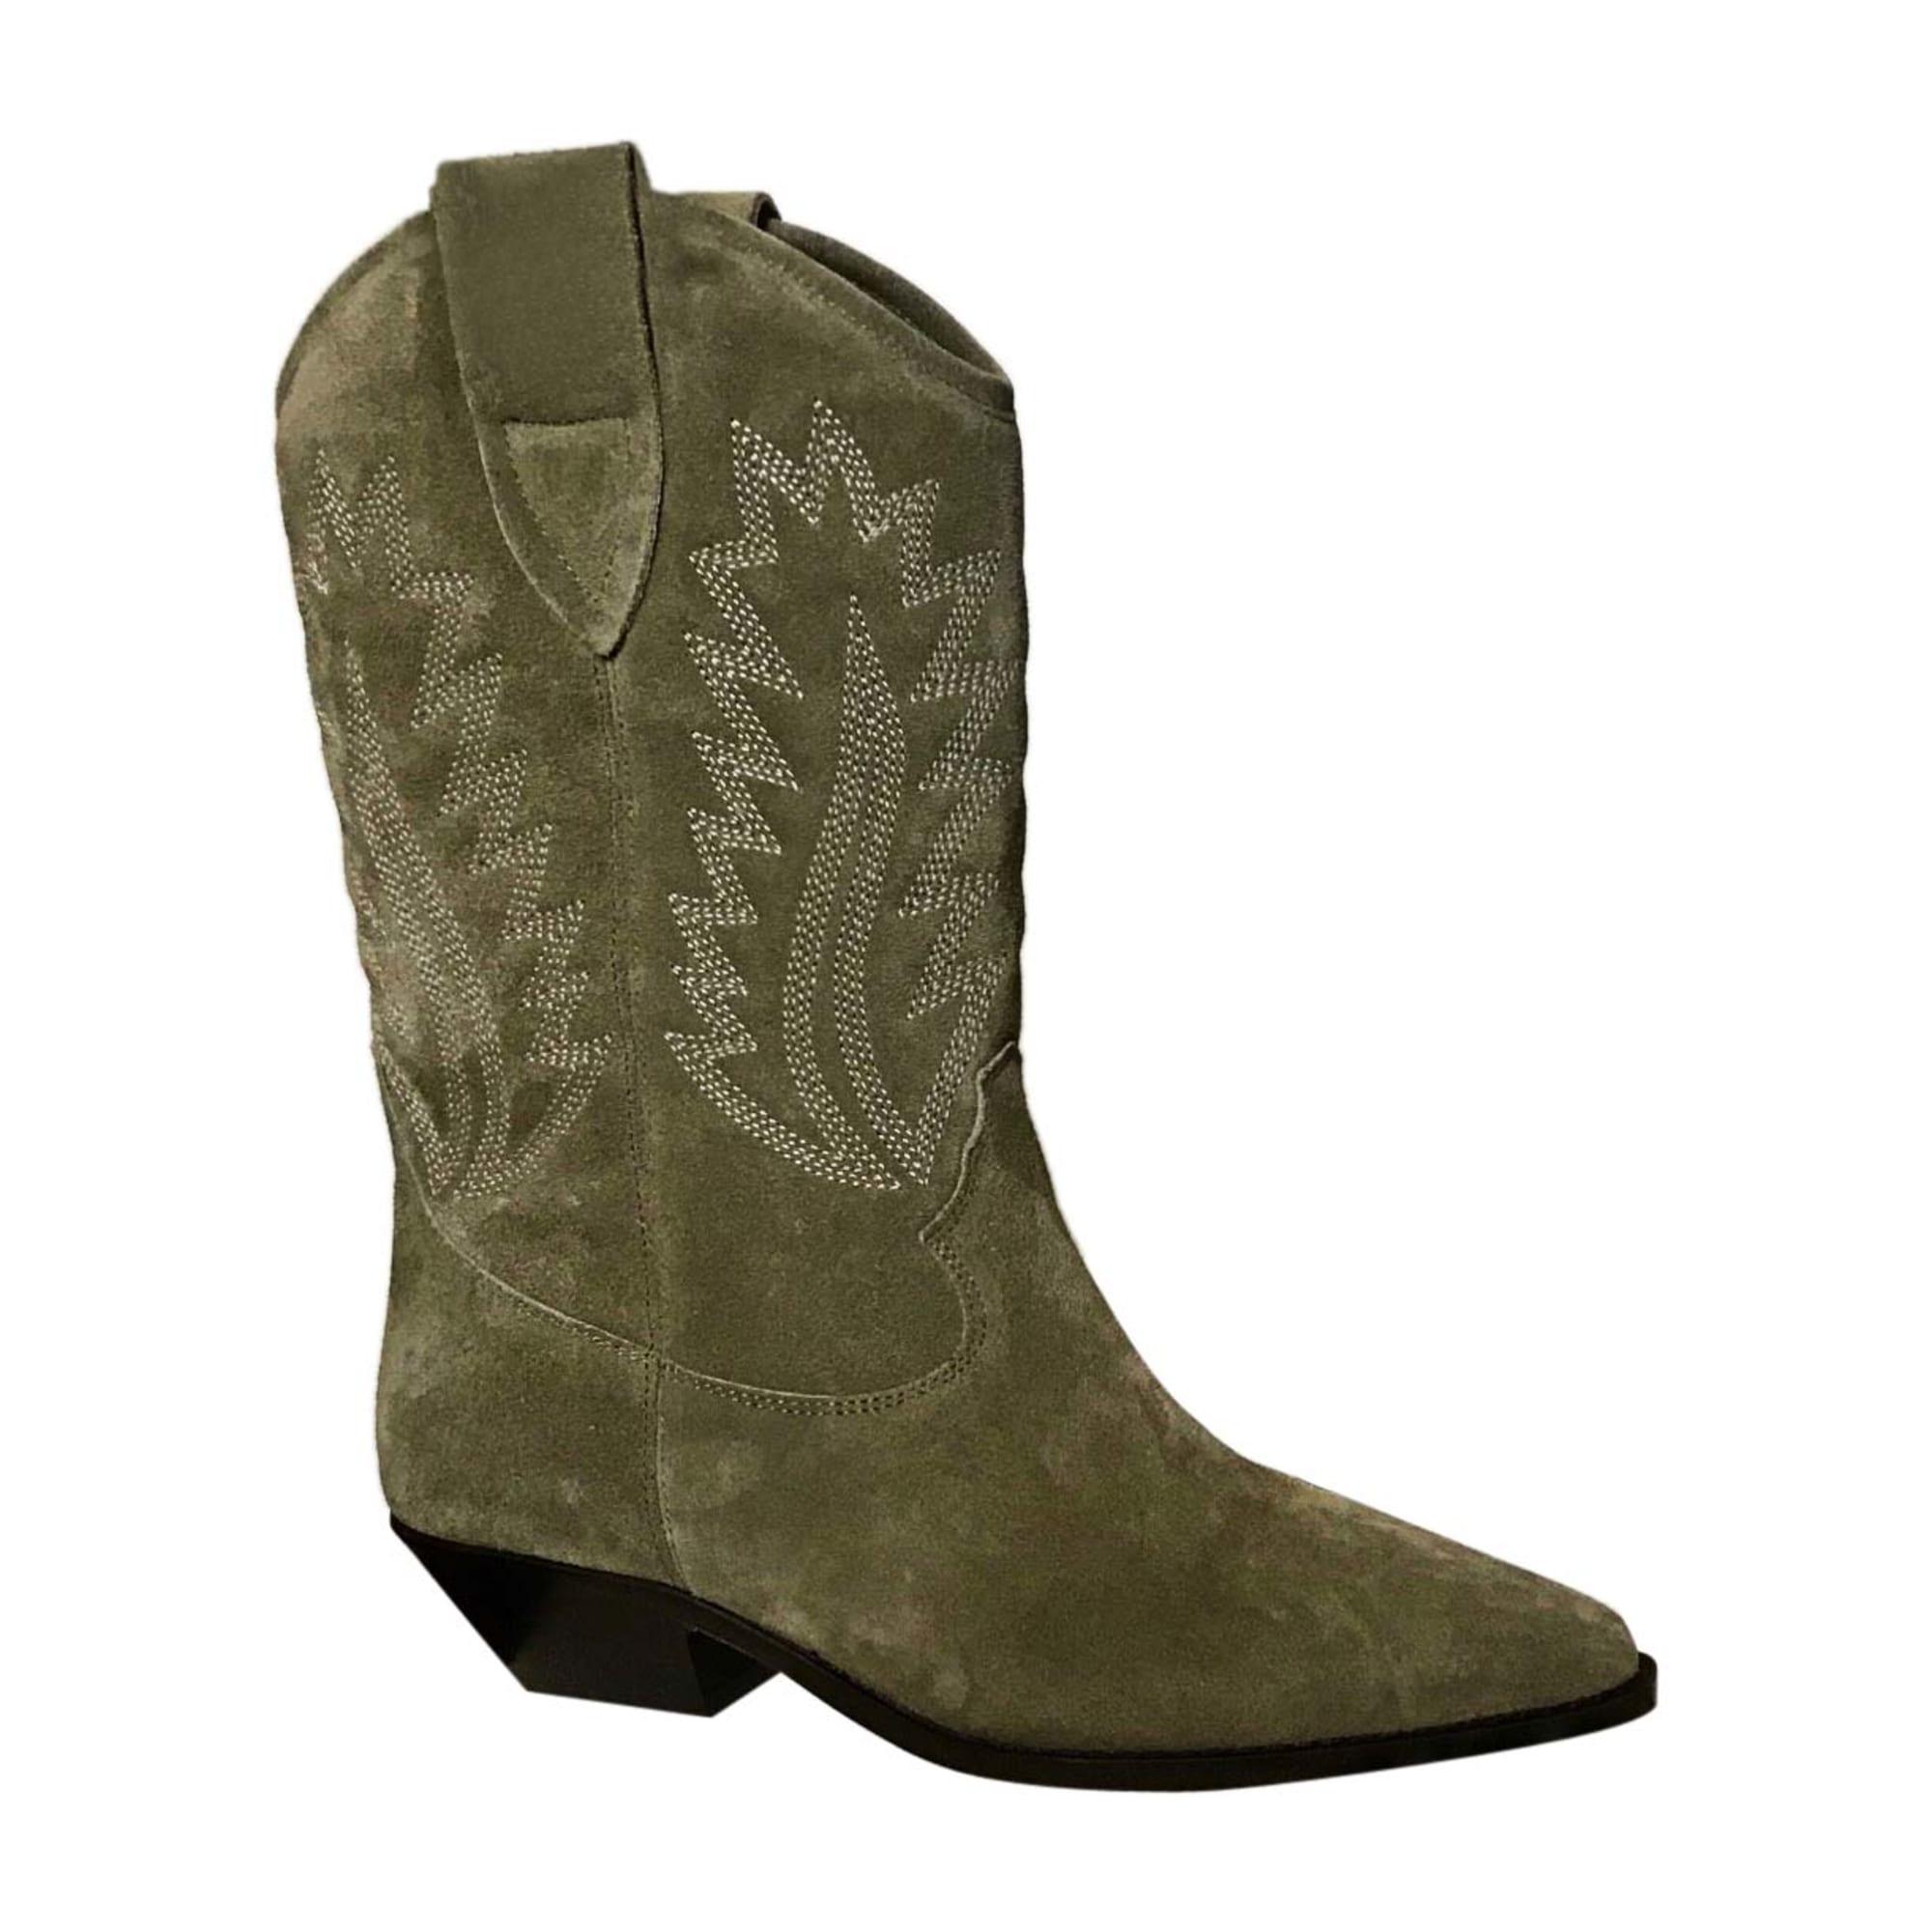 chaussures classiques boutique pour officiel vente chaude en ligne Santiags, bottines, low boots cowboy